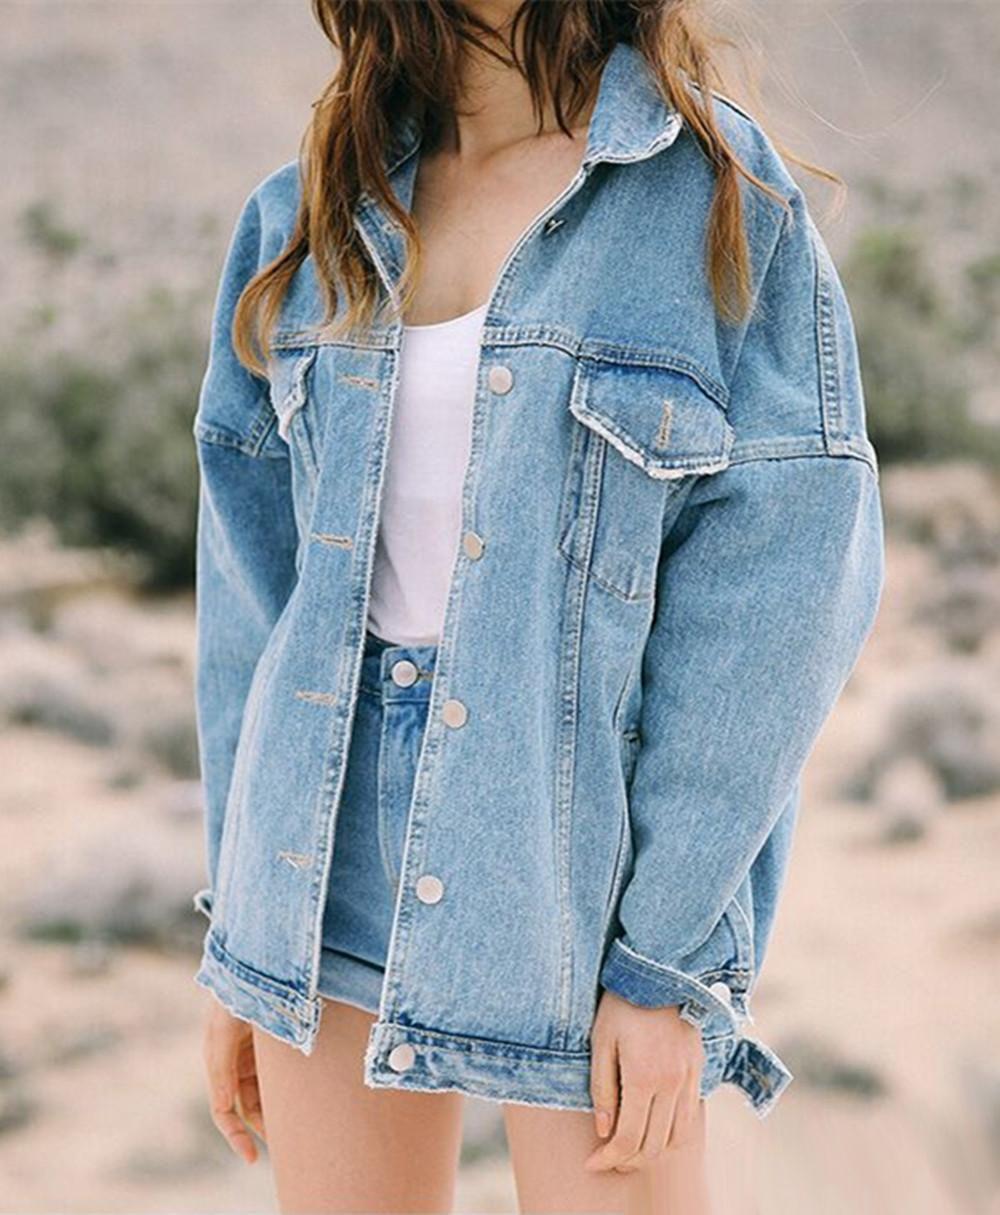 Осень зима женщин джинсовая свободная большая куртка куртка пальто женские длинные джинсовые размеры рукав женский bwdwe